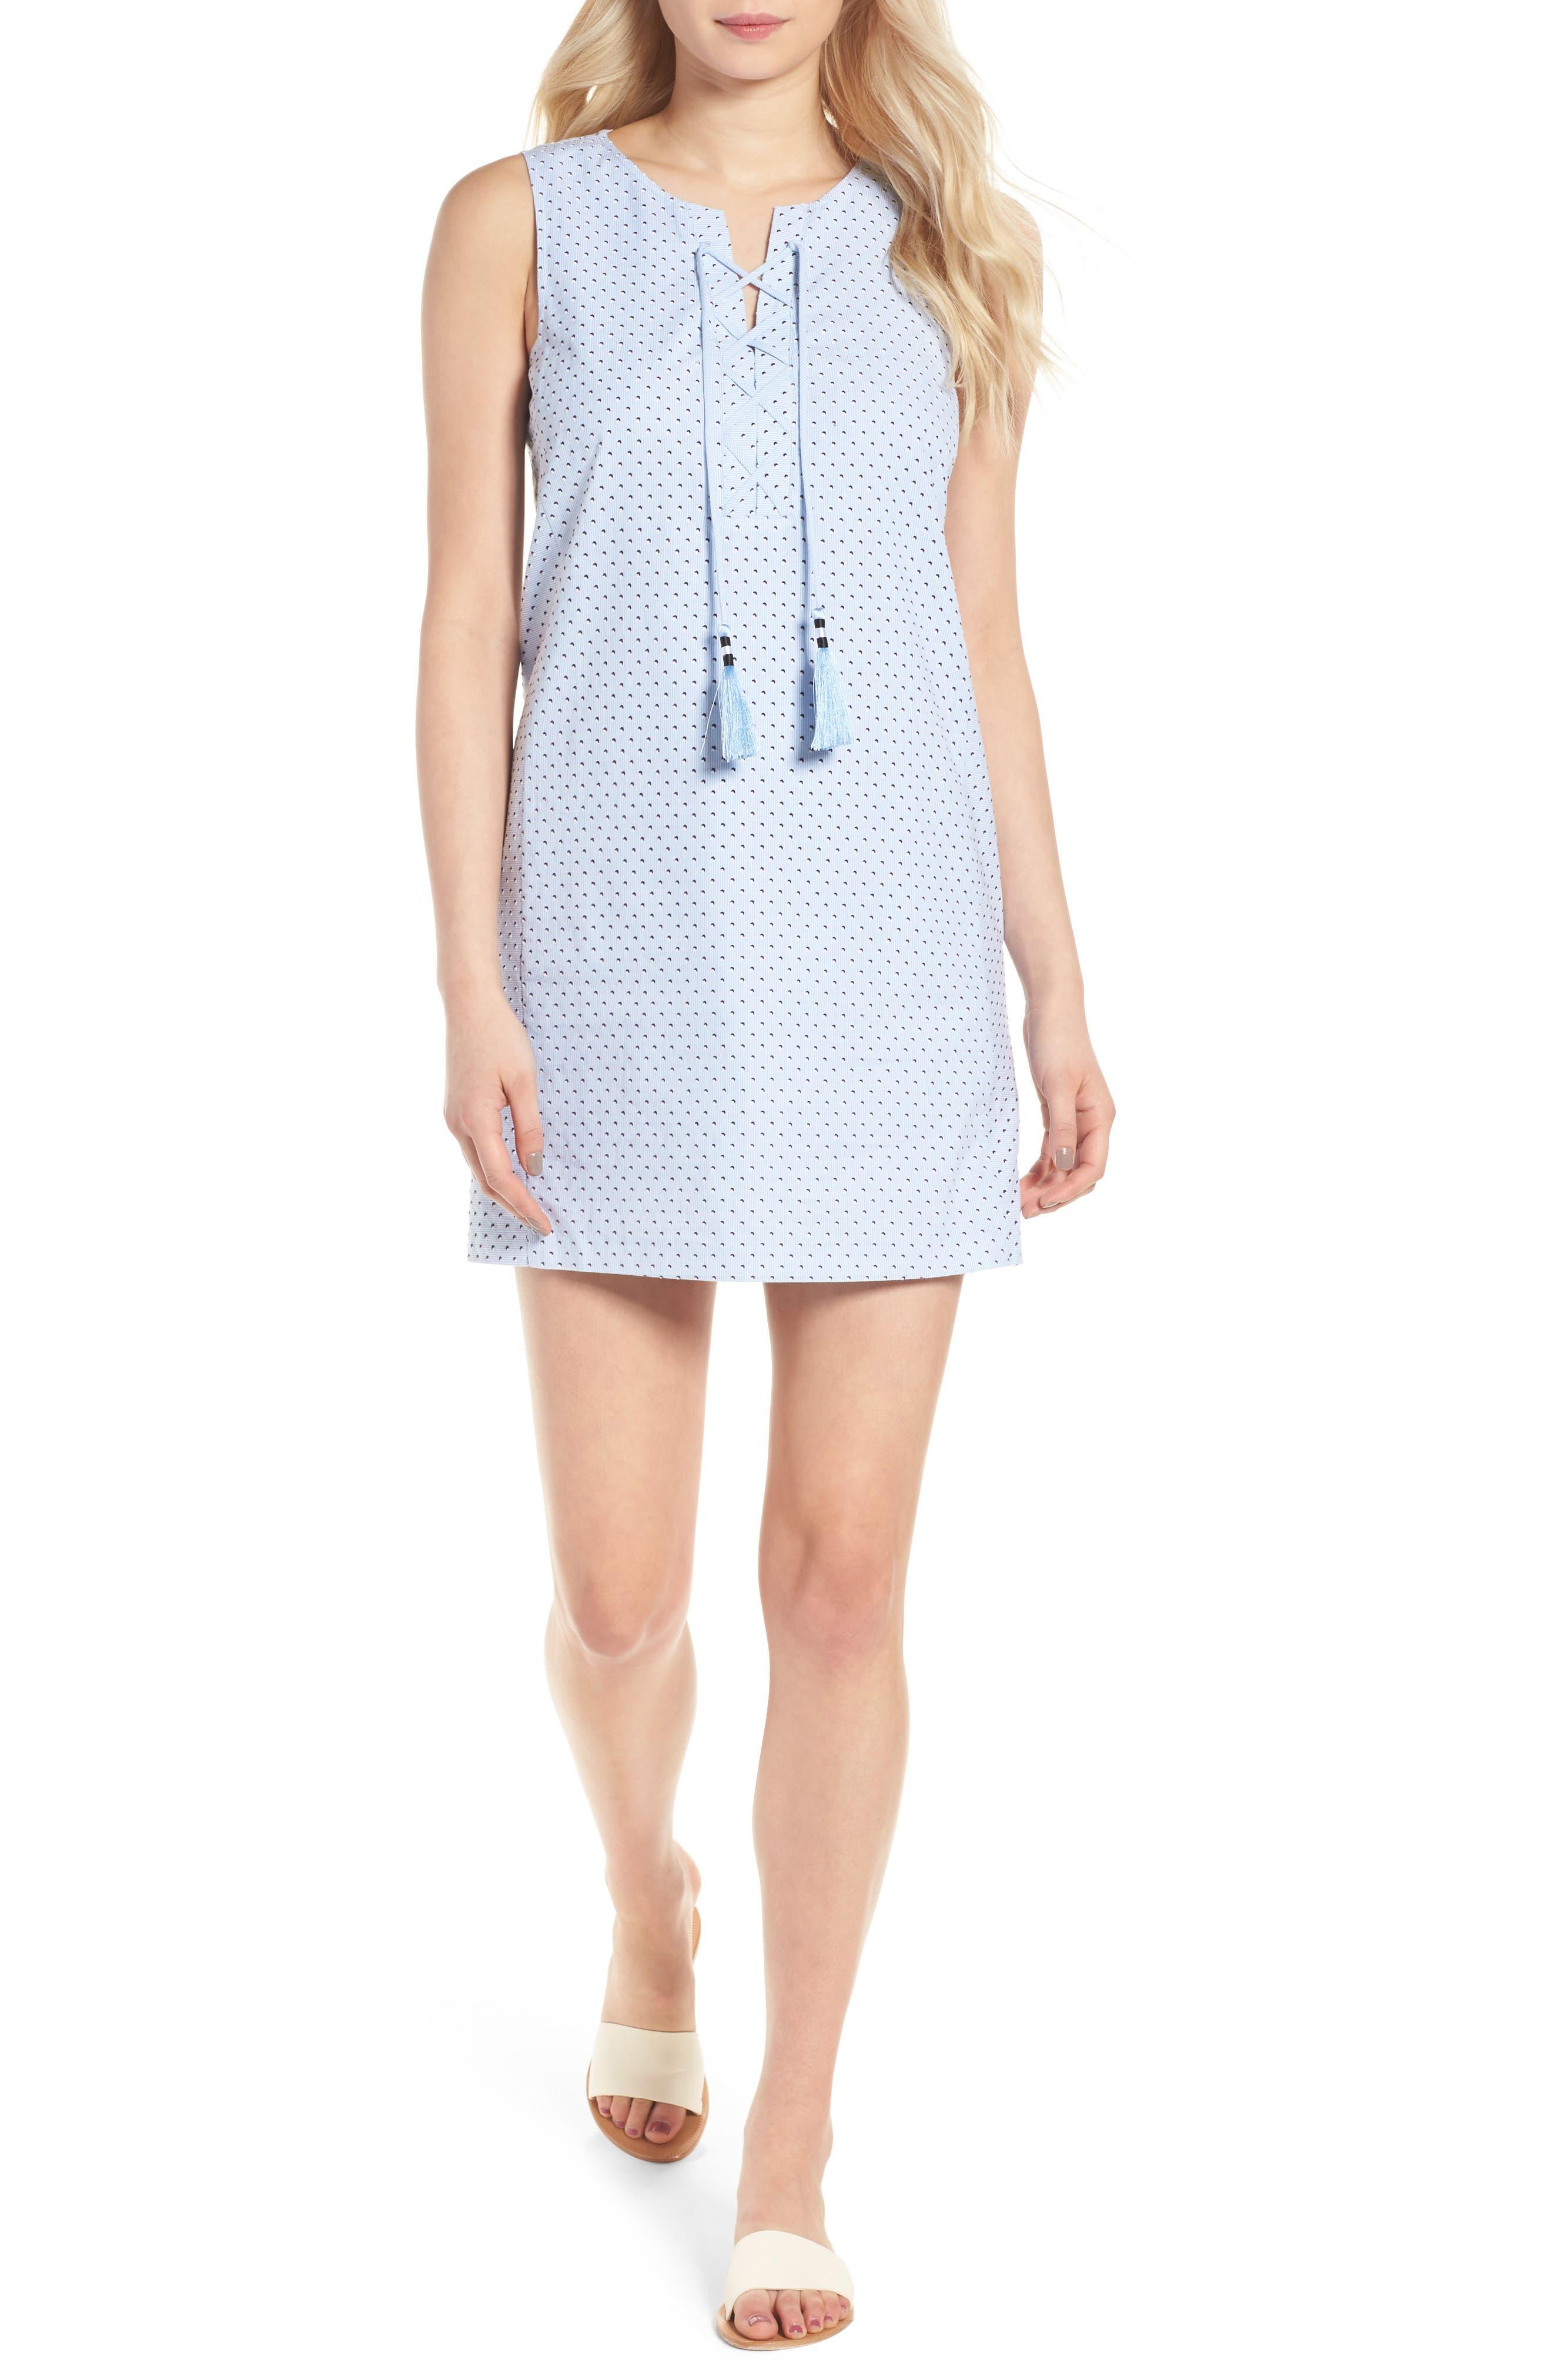 Isabel Tunic Dress,                             Main thumbnail 1, color,                             456